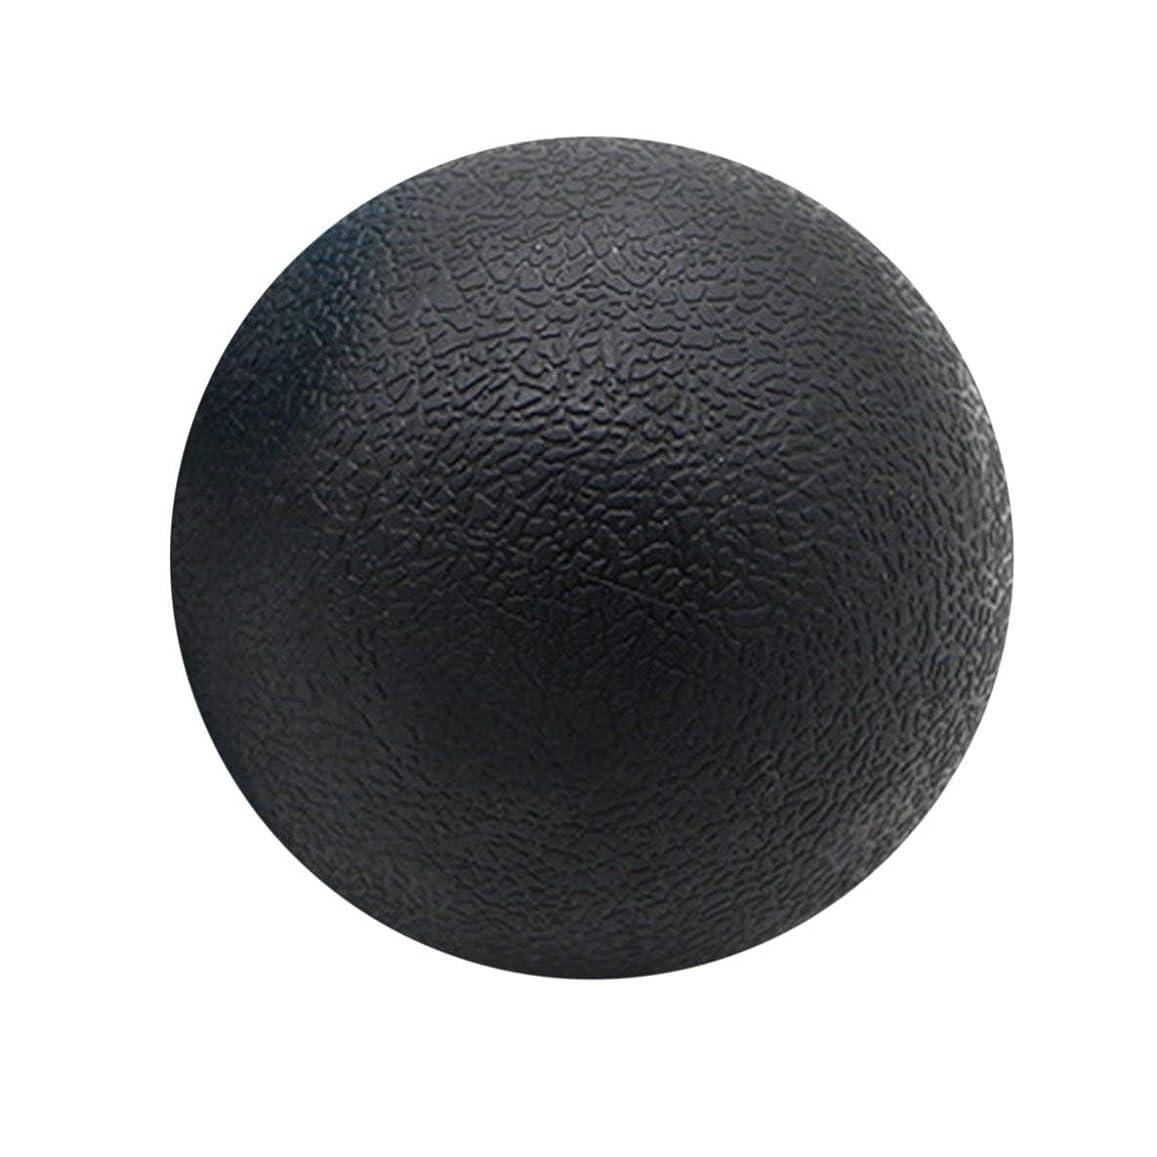 上げる管理本質的ではないフィットネス緩和ジムシングルボールマッサージボールトレーニングフェイシアホッケーボール6.3 cmマッサージフィットネスボールリラックスマッスルボール - ブラック